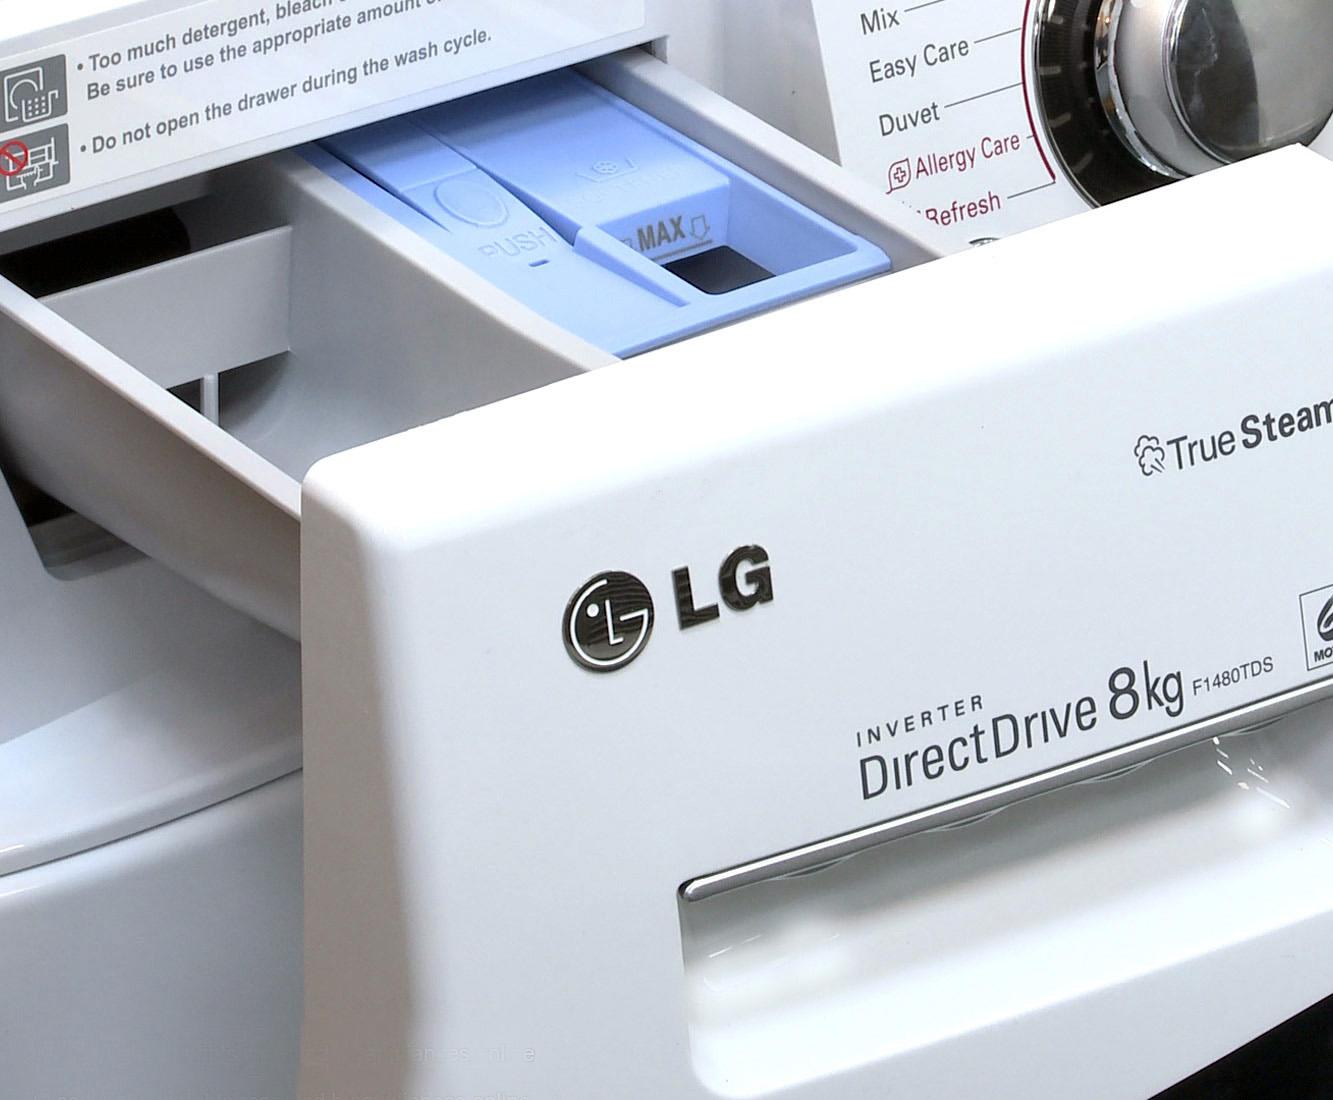 Ремонт стиральной машины lg своими руками ошибка de